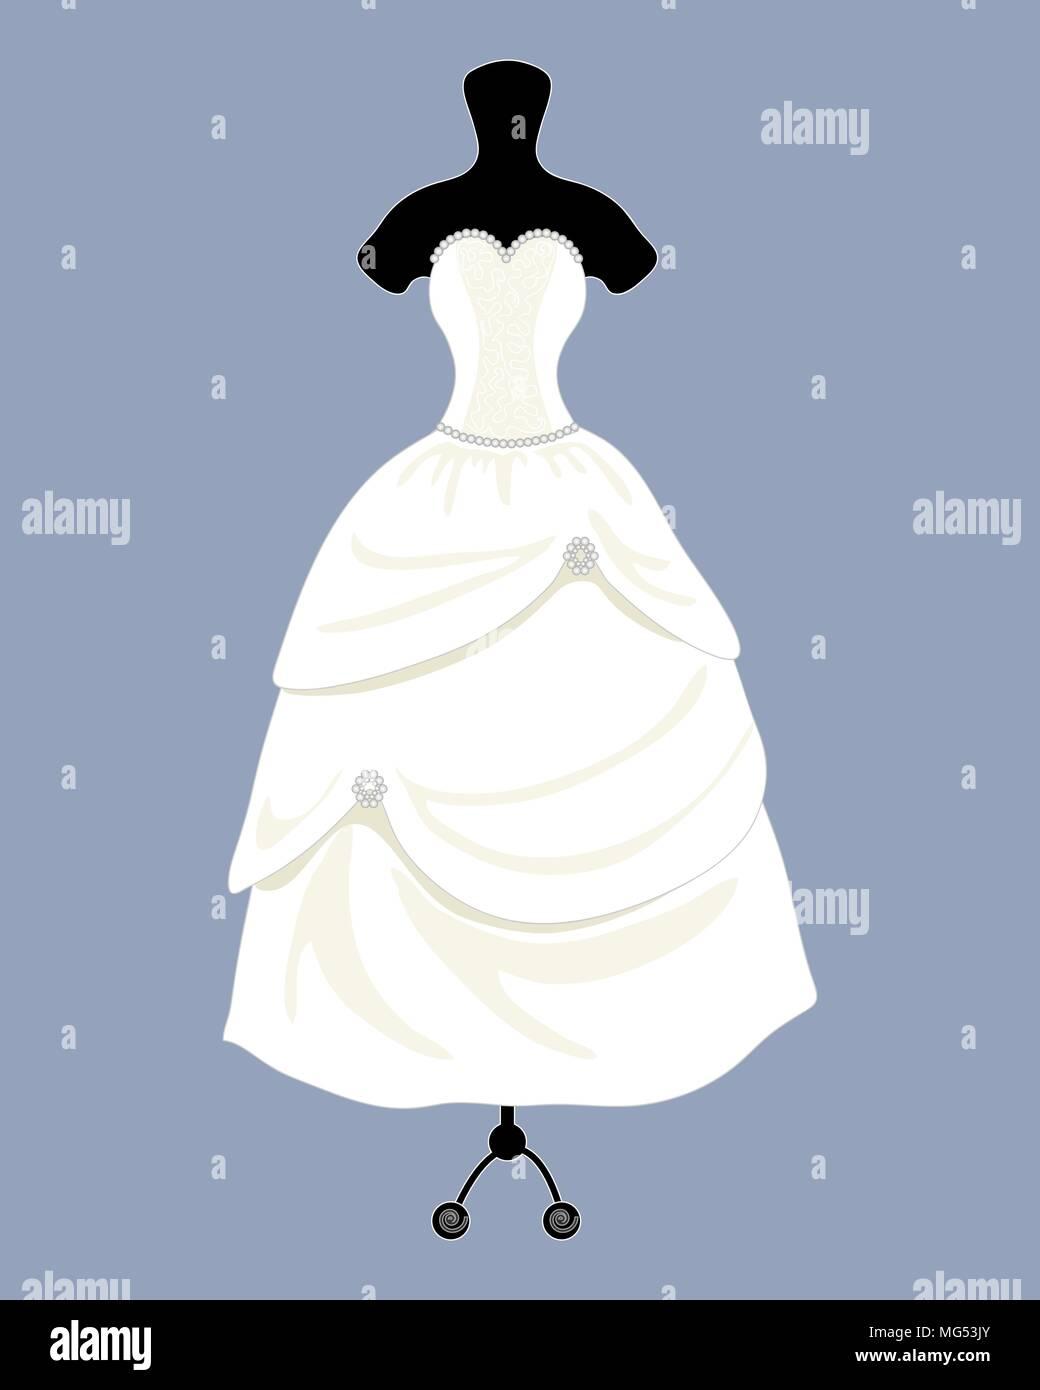 Una illustrazione vettoriale in formato eps 10 formato di un designer di Bellissimo abito da sposa in una bella palla abito stile con un mantello completo su uno sfondo blu Immagini Stock